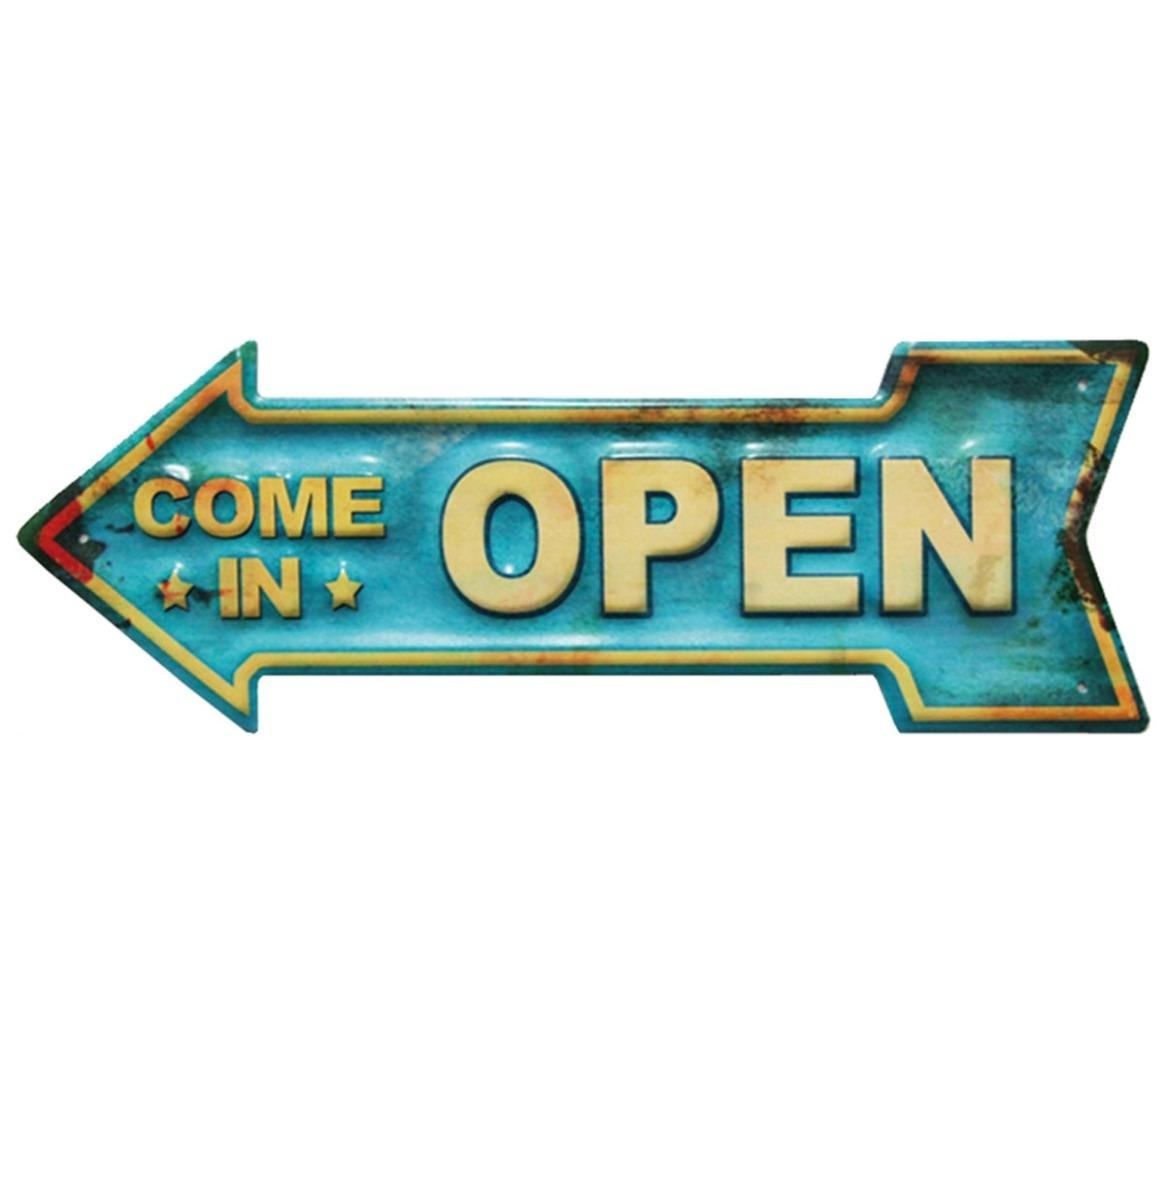 Come In Open Metalen Bord Met Reliëf - 40 x 14 cm